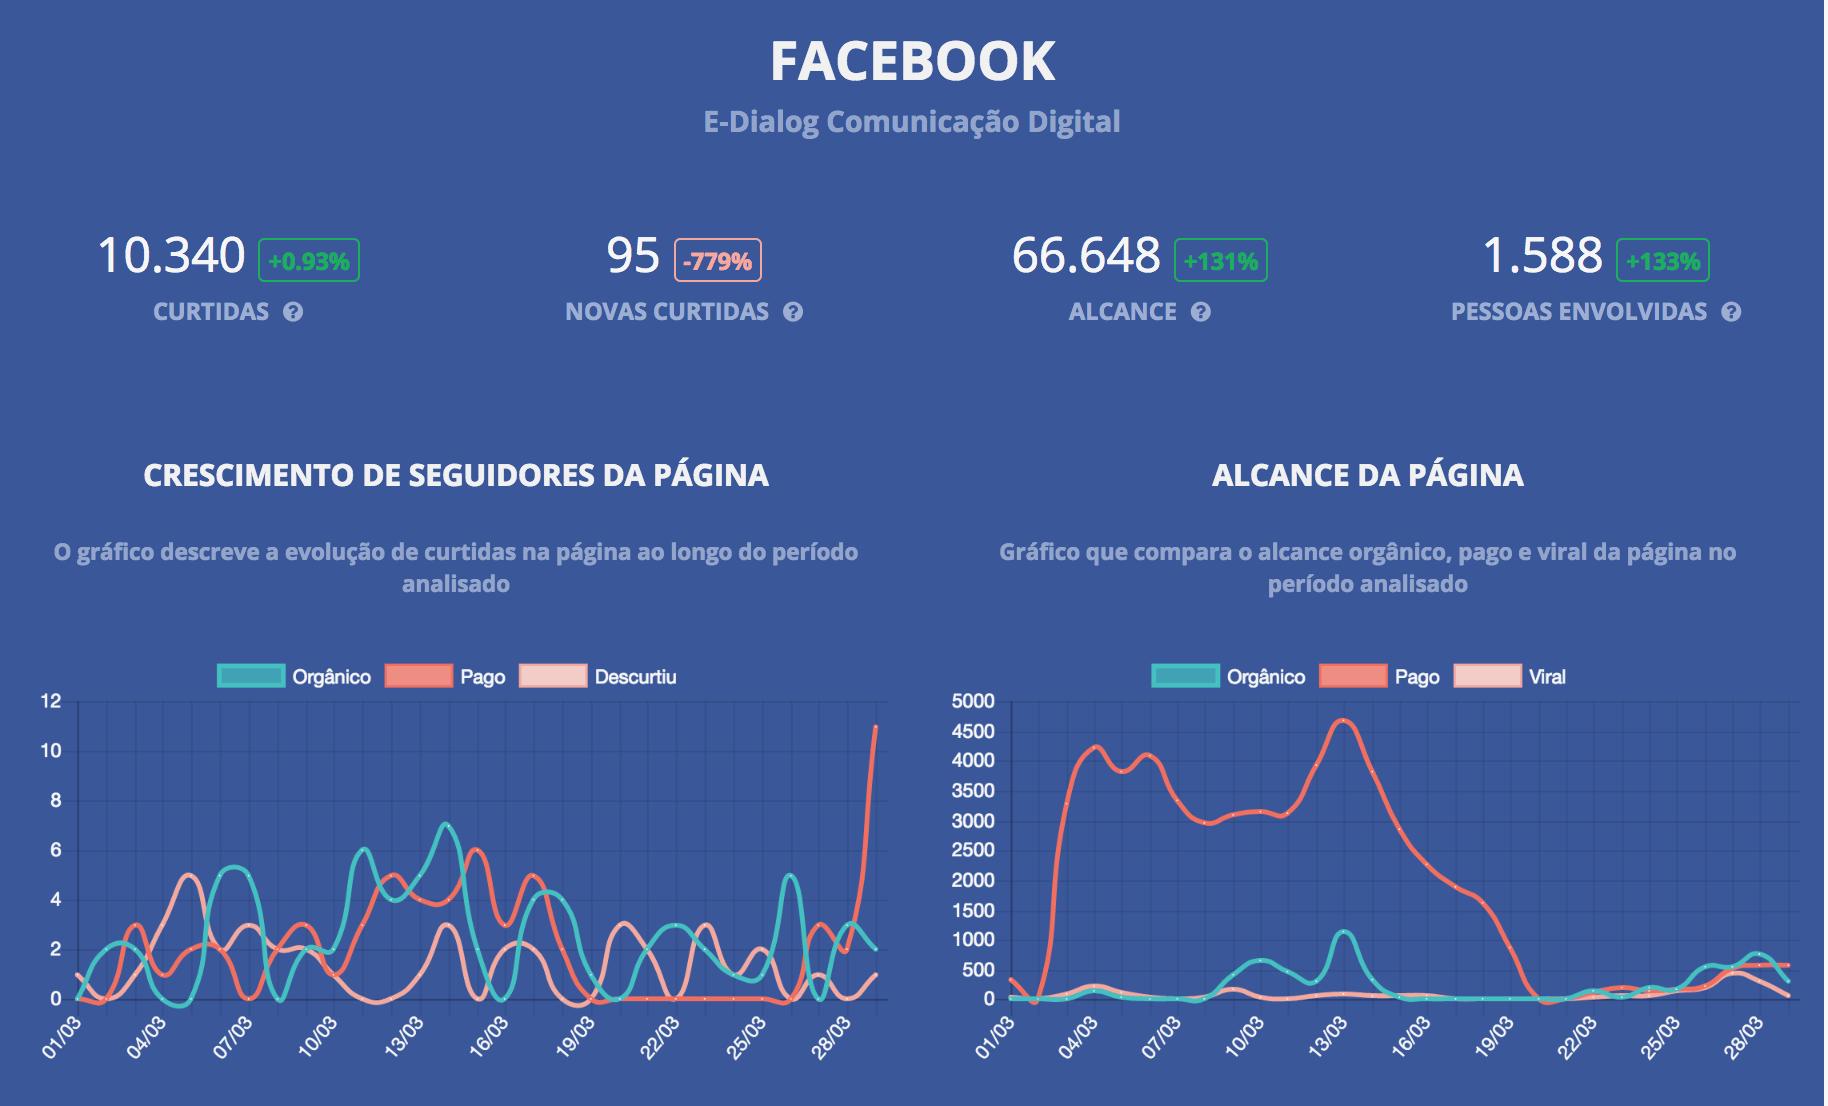 relatório de facebook